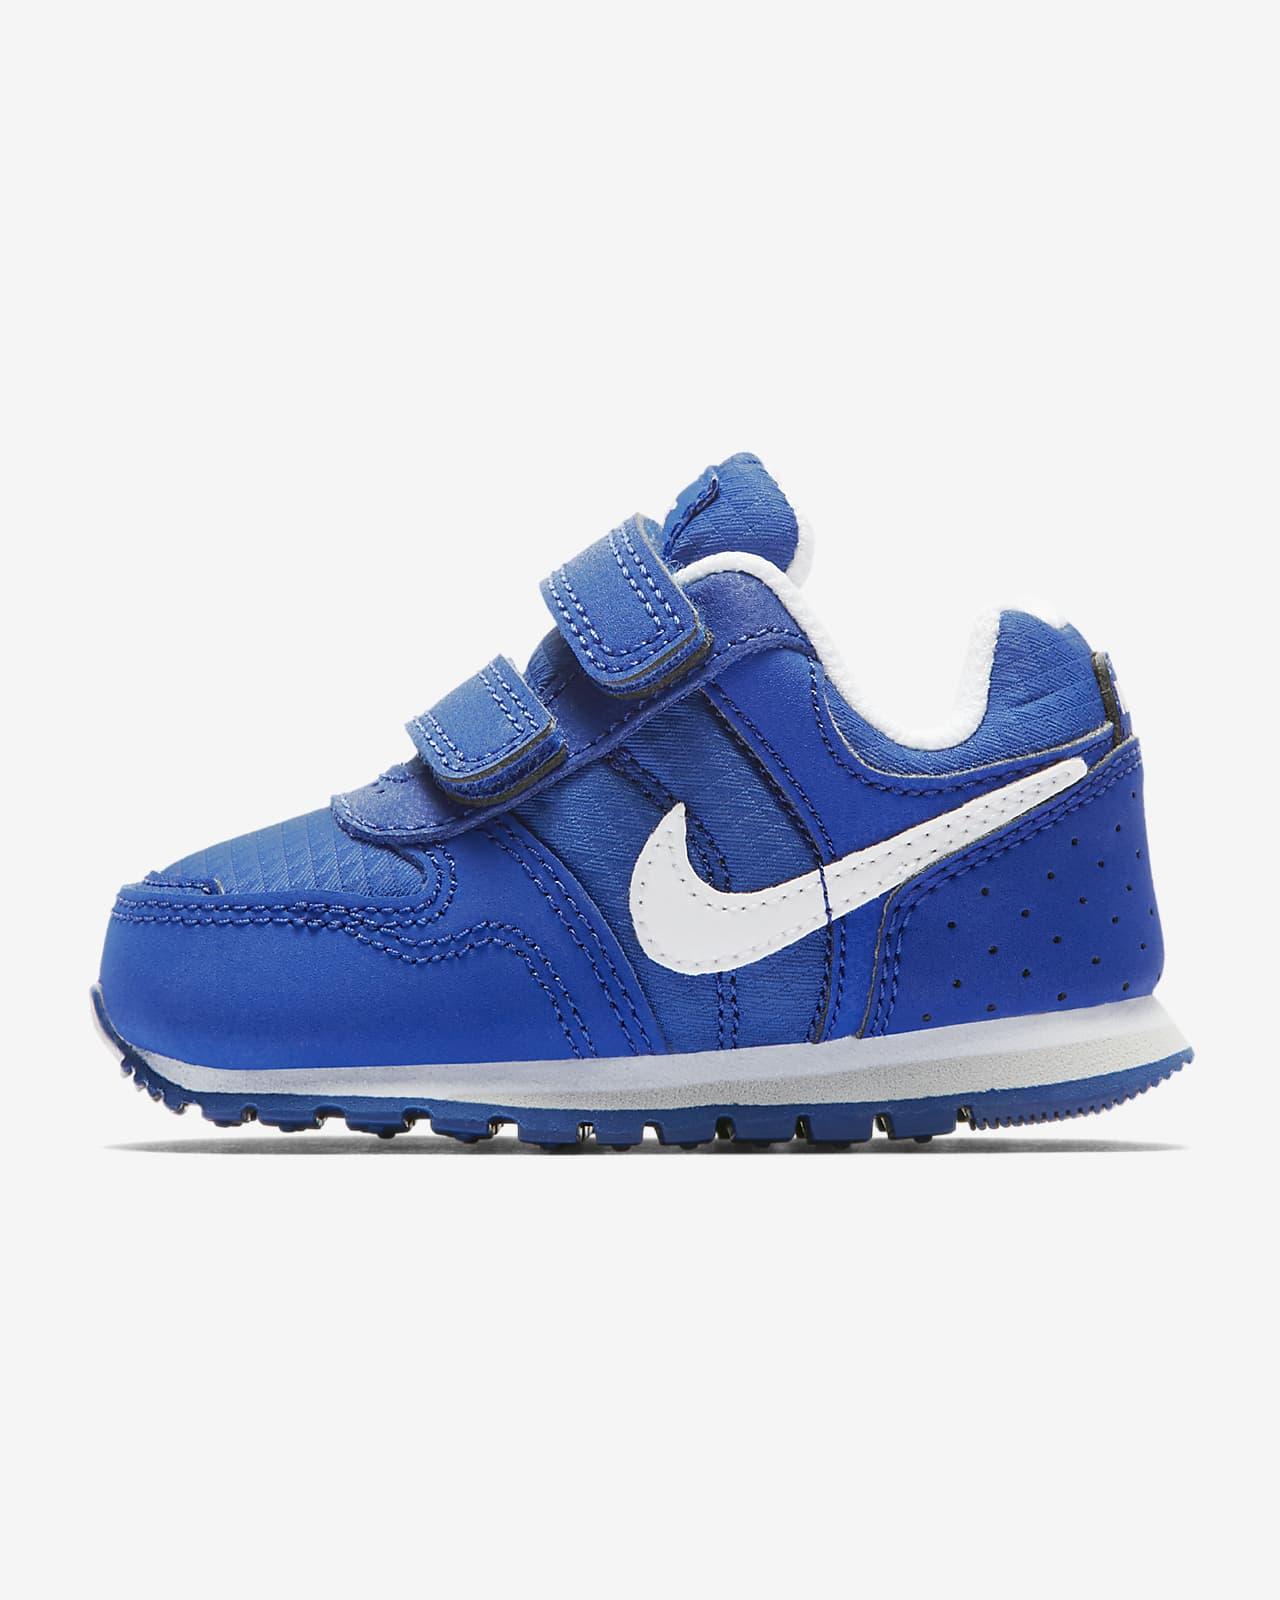 Nike MD Runner Infant/Toddler Boys' Shoe